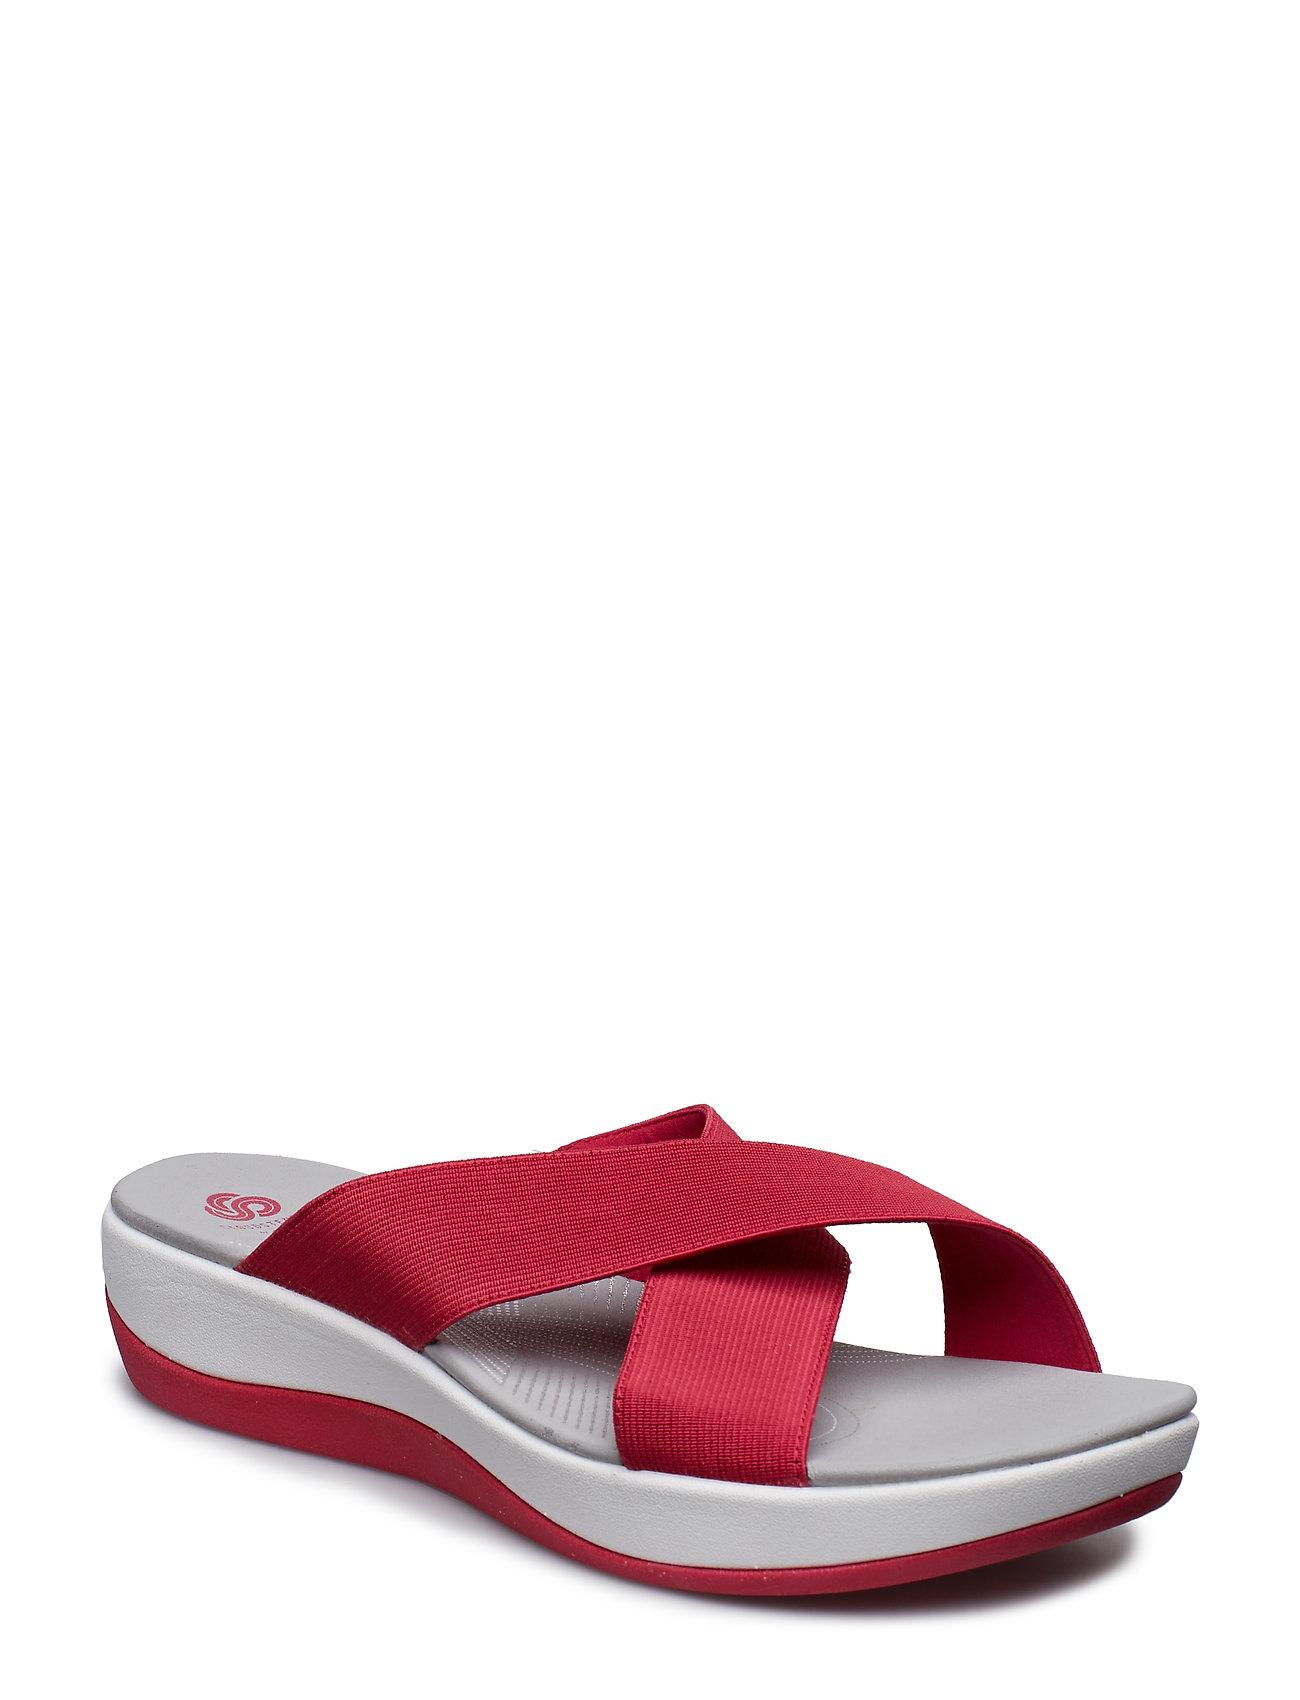 dfc67bfad24 Arla Elin flade sandaler fra Clarks til dame i Rød - Pashion.dk